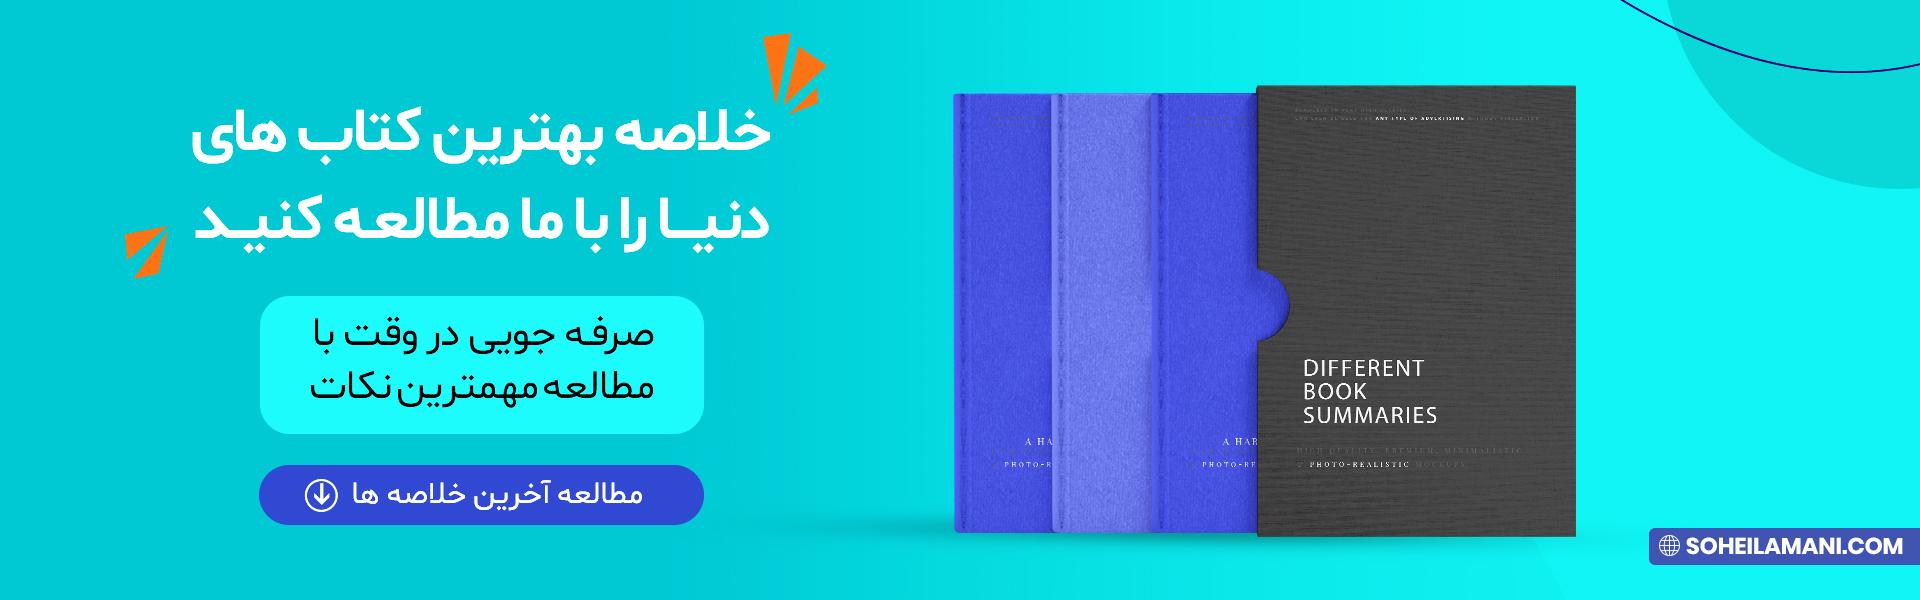 خلاصه بهترین کتابهای دنیا - هوش برتر ایرانیان